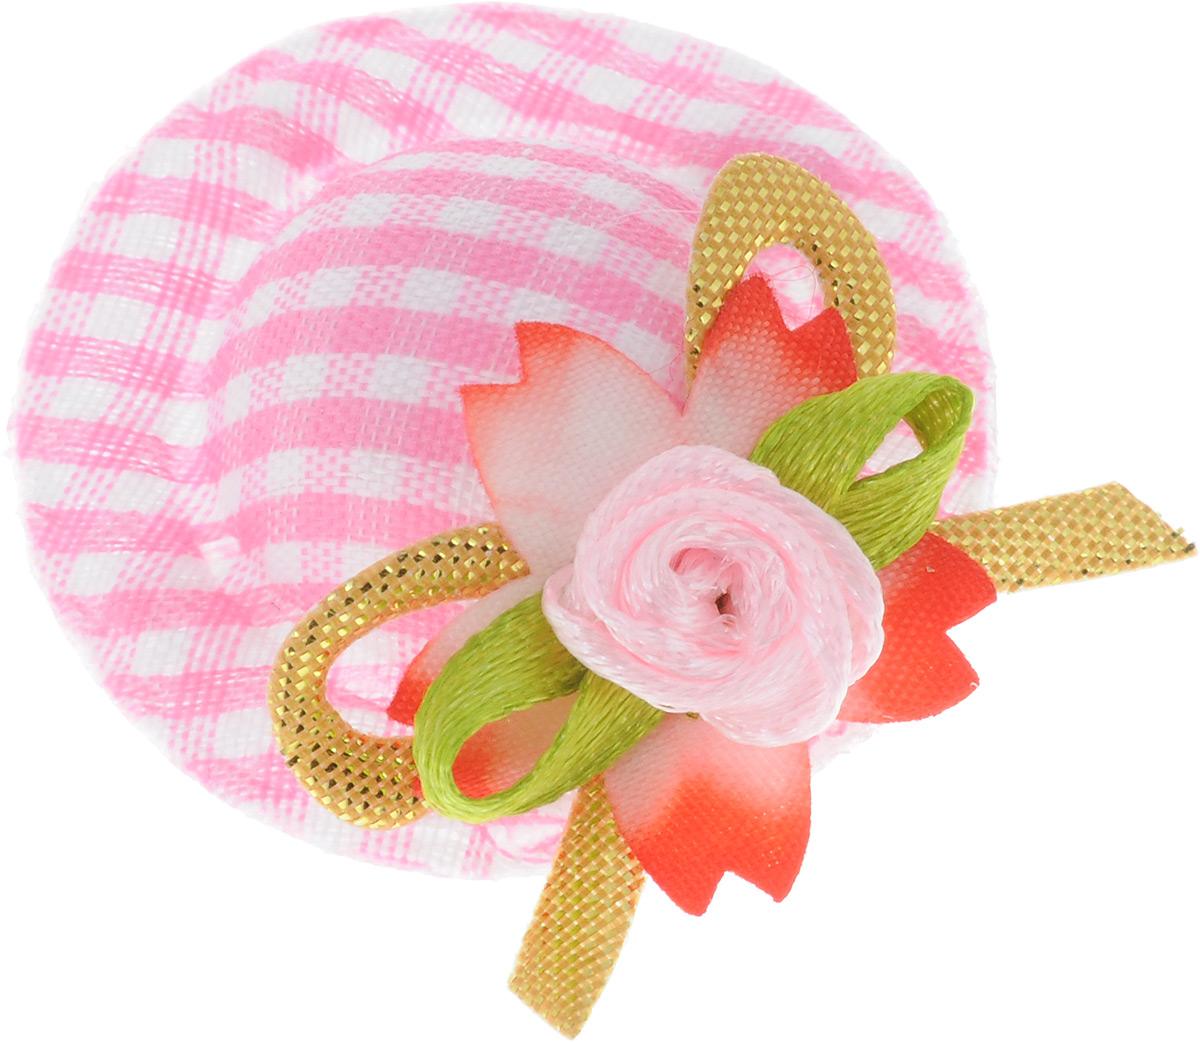 Заколка-шляпка для собак VIPet Ностальжи, цвет: розовый, диаметр 3,5 см18106Заколка-шляпка VIPet Ностальжи - это красивое и стильное украшение для собак. Заколка прекрасно крепится на волосах и позволяет фиксировать шерсть. Выполнена из стали, пластика и тканей различных структур, плотностей и фактур.